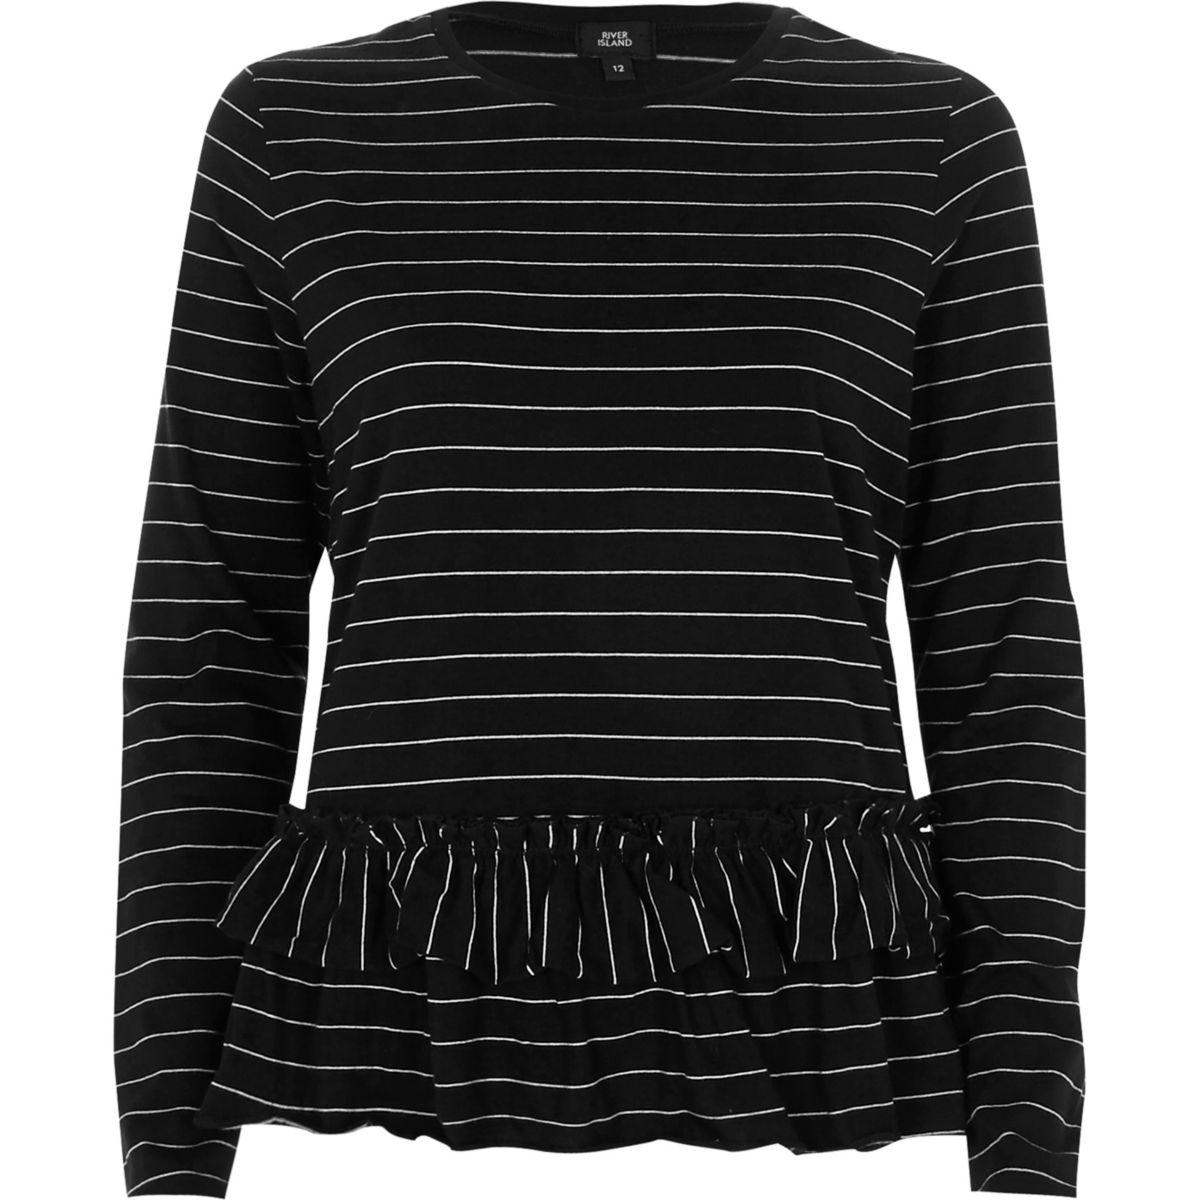 Langärmliges, gestreiftes T-Shirt mit Schößchen